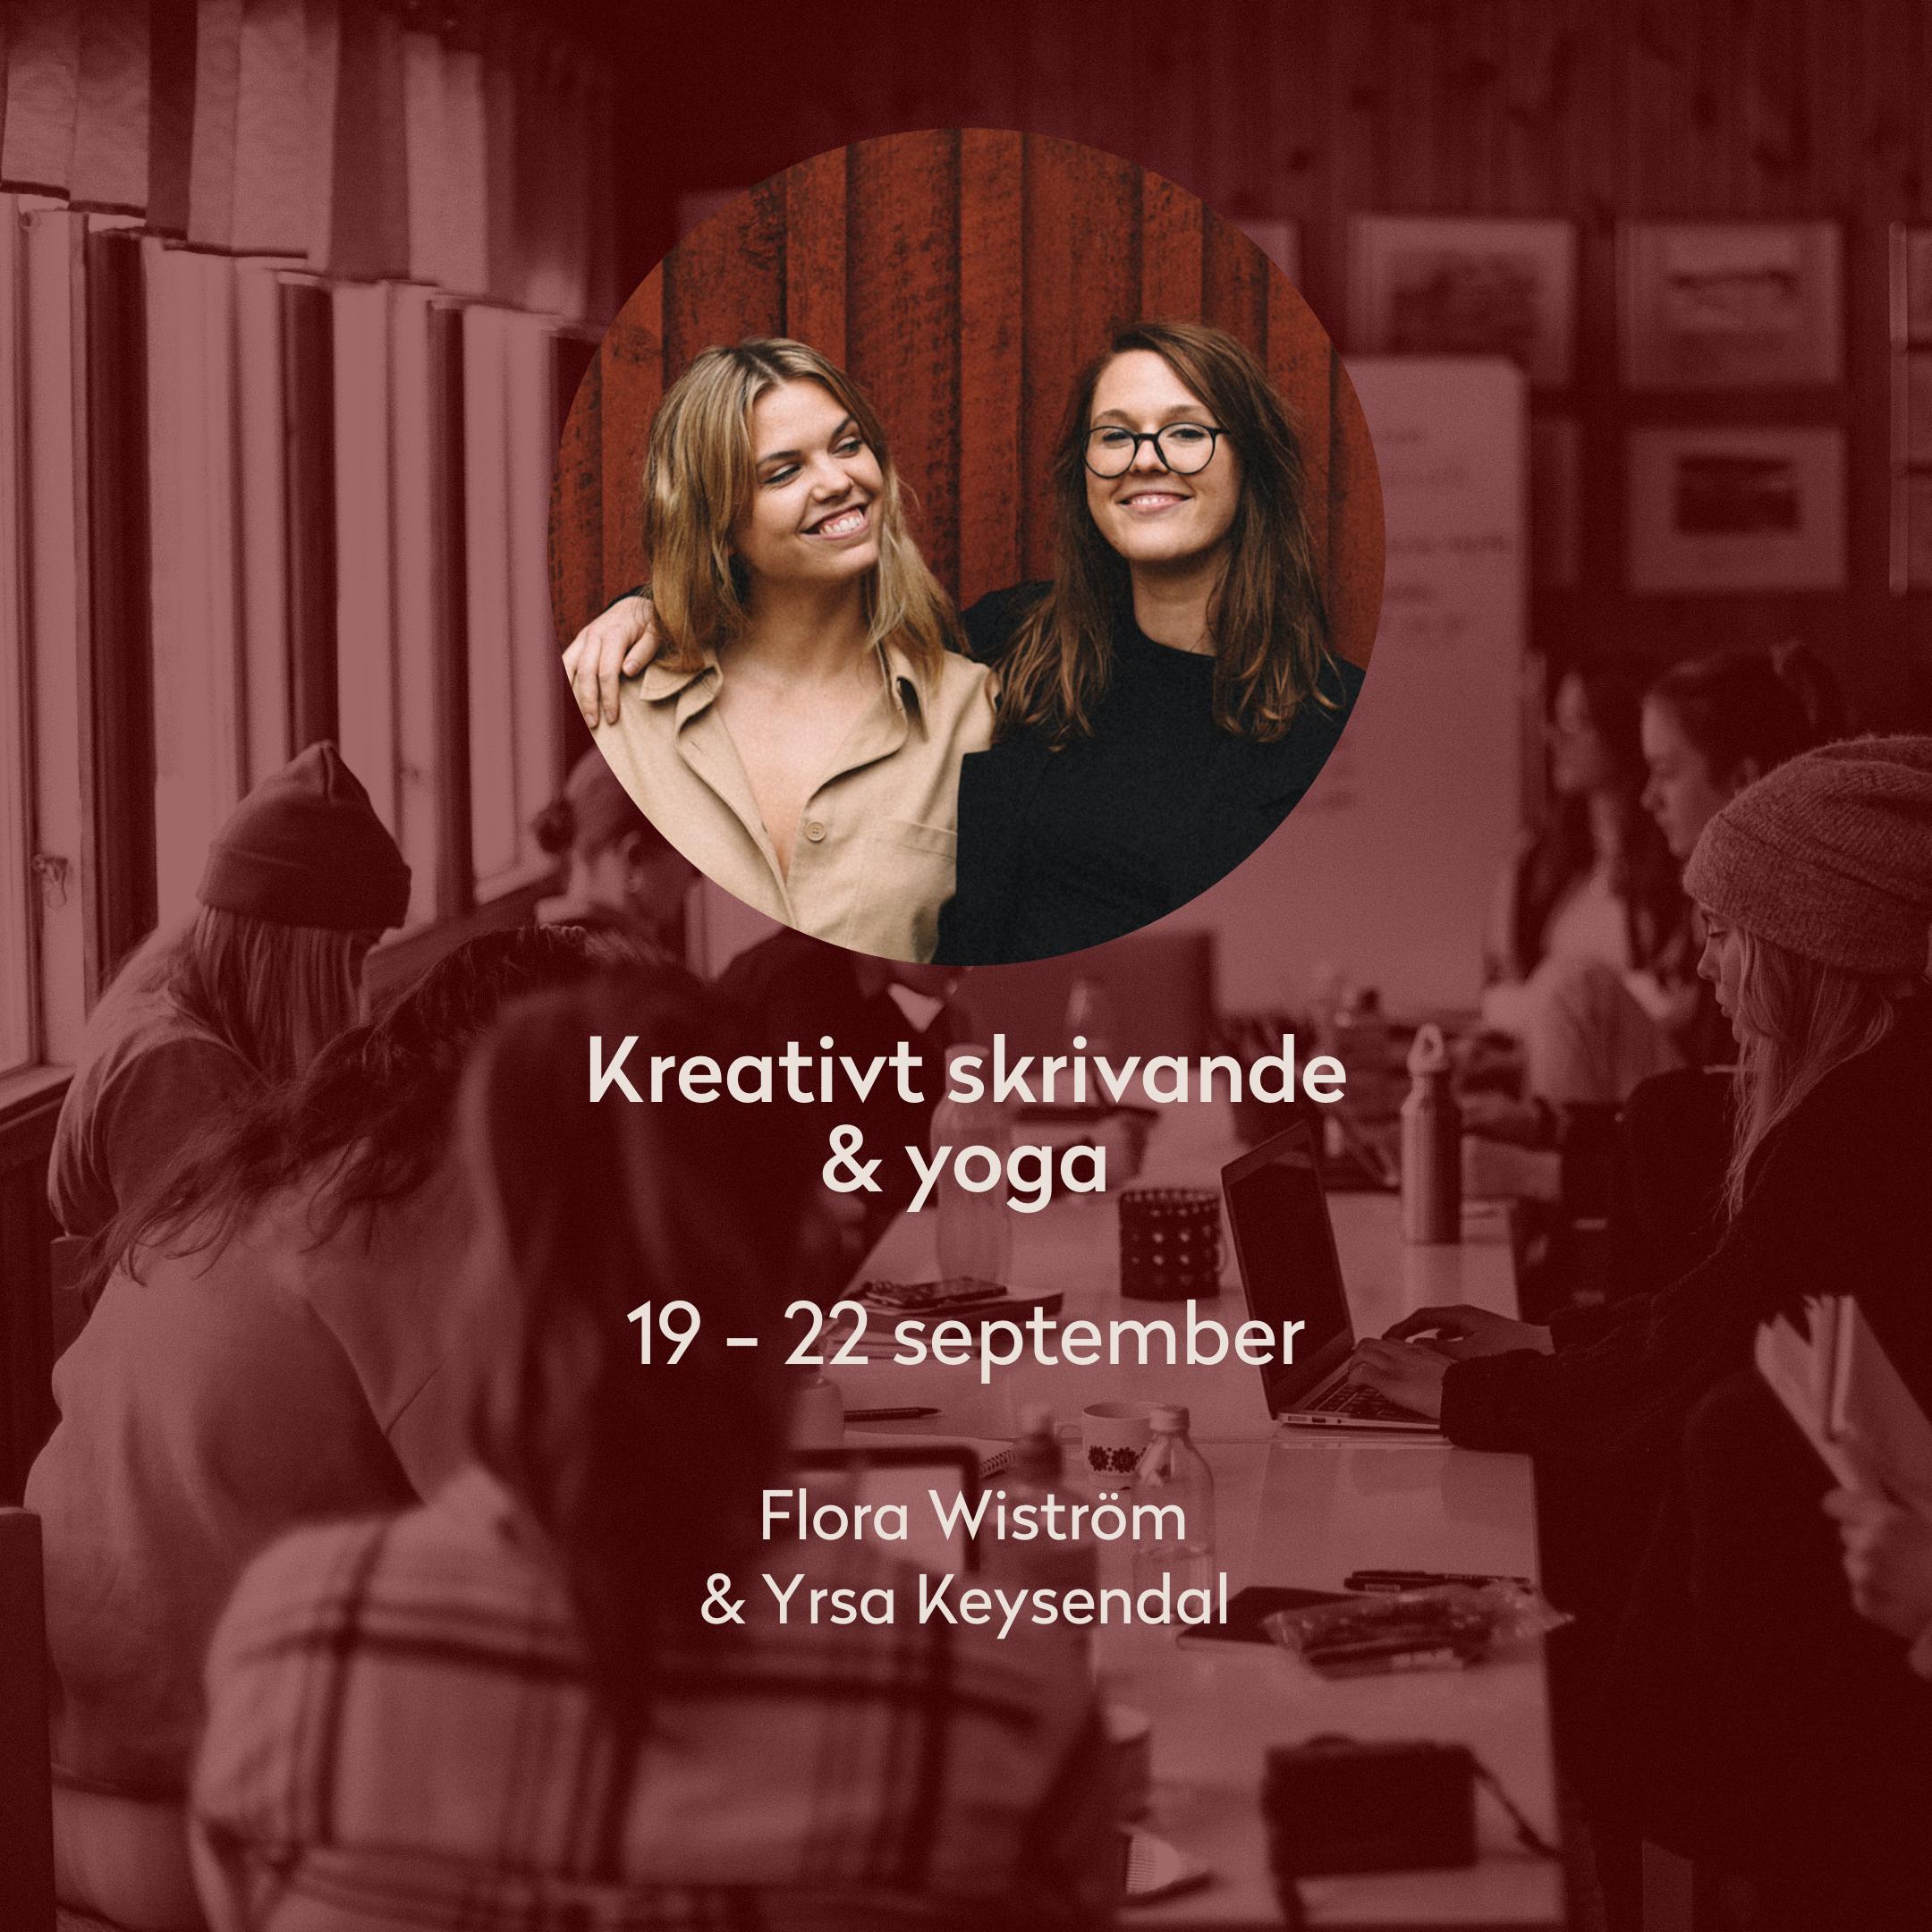 Kreativt skrivande & yoga - I september kör vi vårt 5e kreativa retreat med författarduon Flora Wiström och Yrsa Keysendal. Det kommer pratas gestaltning, dialog och dramaturgi och ge en mängd olika skrivövningar. Det kommer även pratas om hur man kan leva ett skrivande liv – vare sig det är att bli utgiven författare eller skriva för att komma ikapp sig själv. Och för att neutralisera huvudet kommer vi dyka in i våra kroppar med yogan och meditationen som verktyg.Läs mer om retreatet här